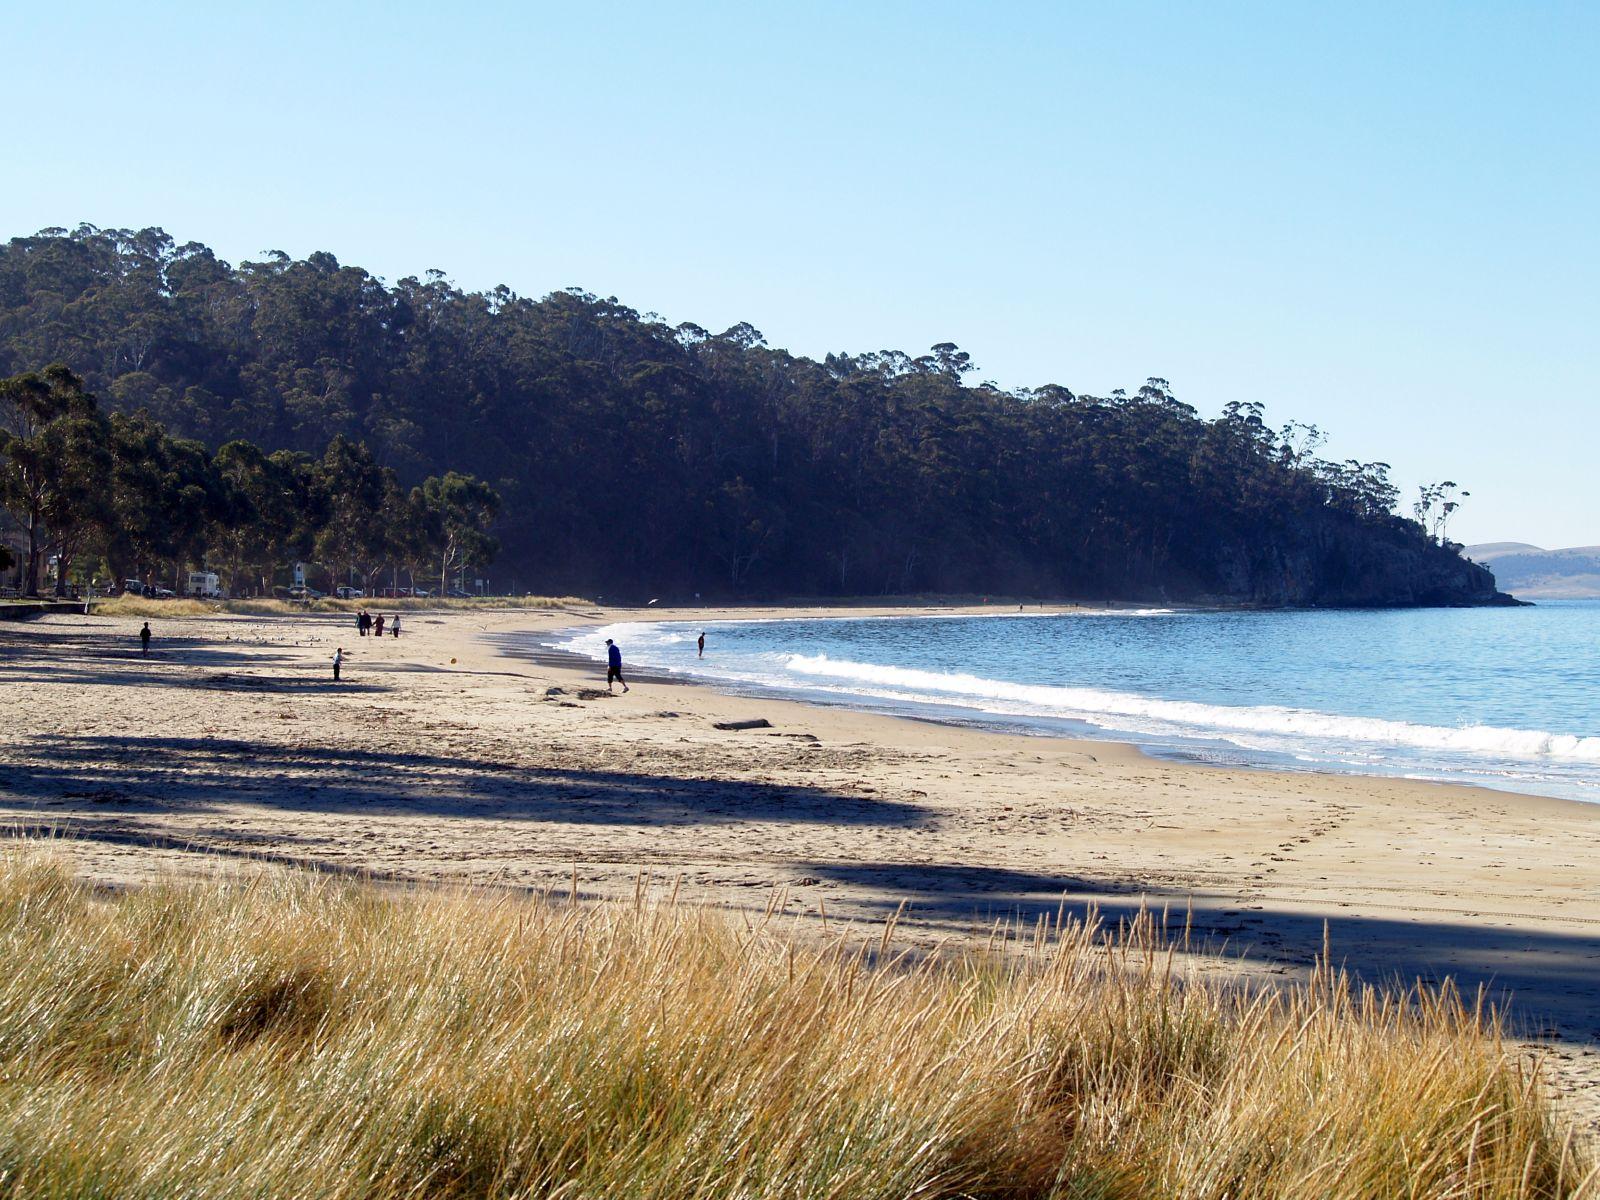 Kingston beach tasmania wikipedia for The kingston